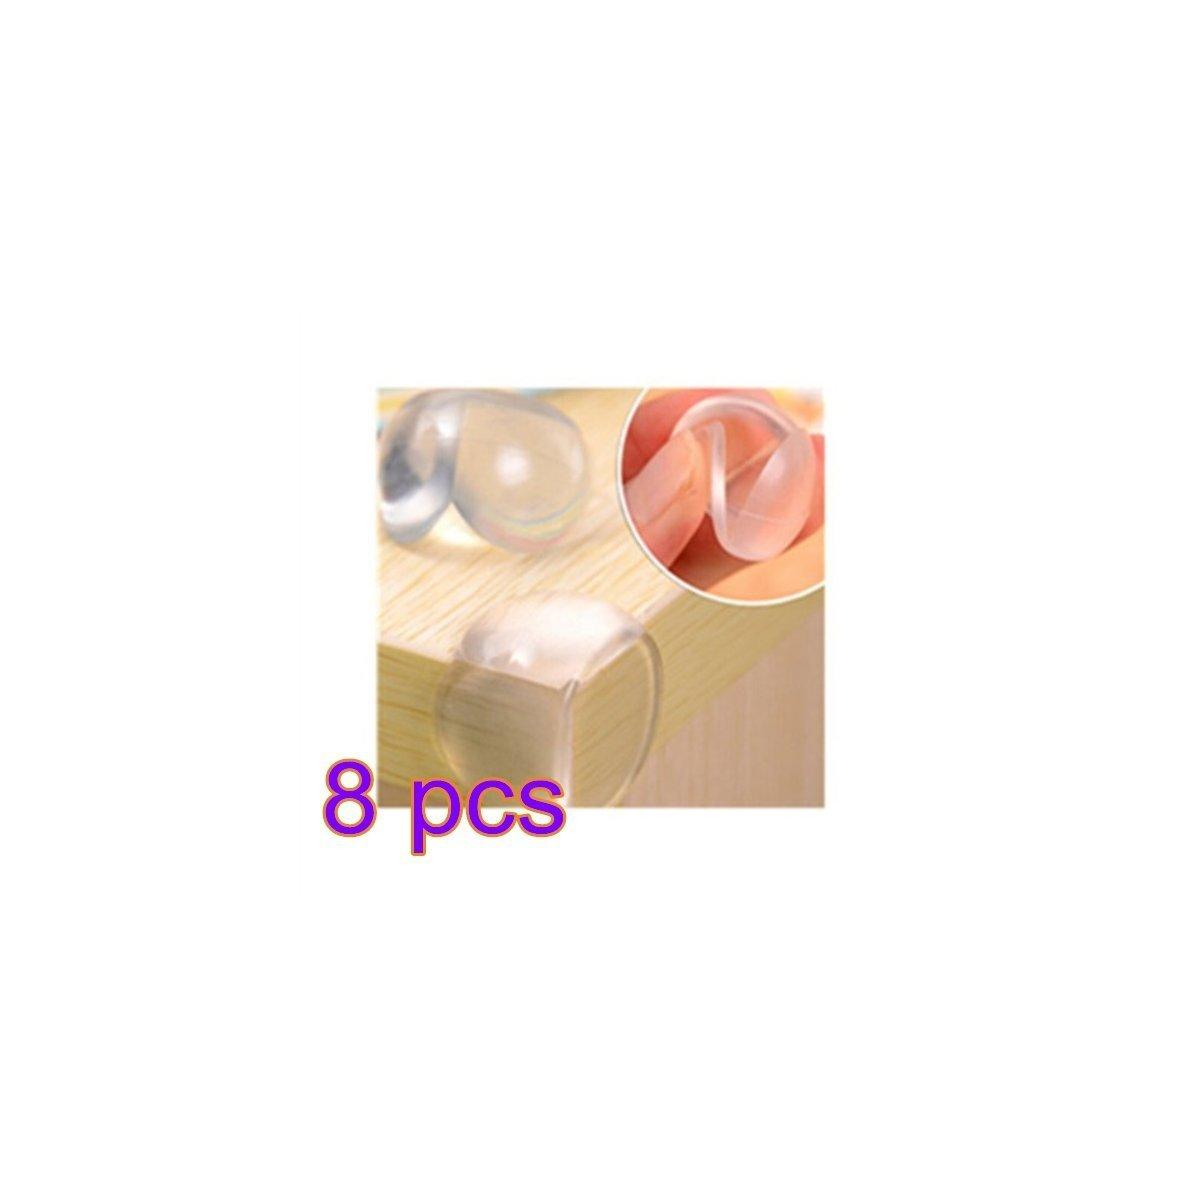 8 pcs Asien Angles dangle pour Les Tables Bureaux et /étag/ères Protection dangle